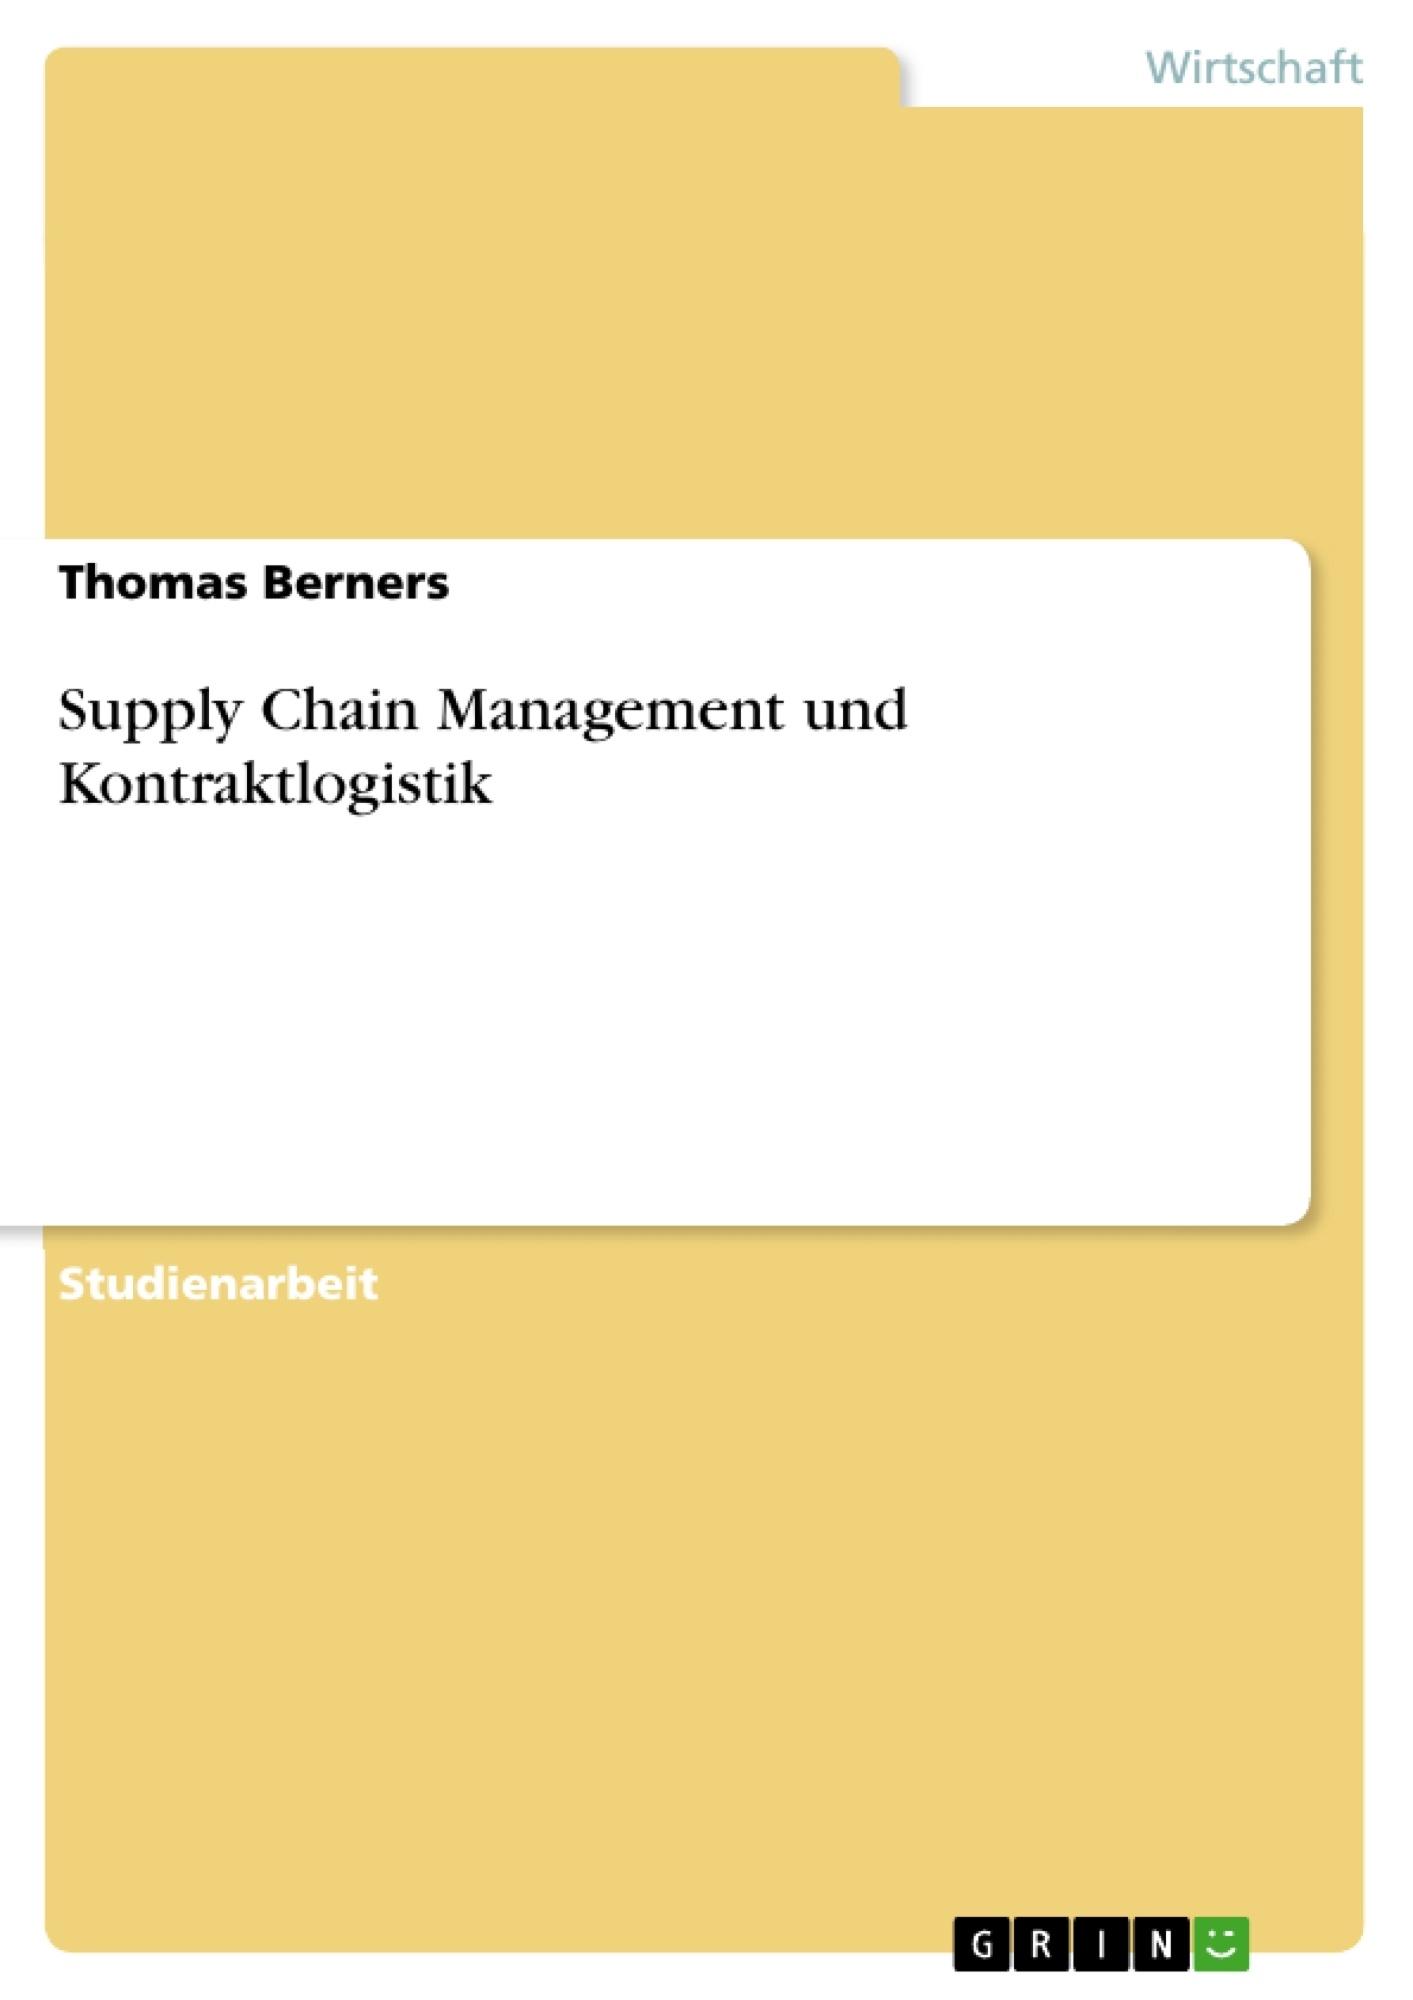 Titel: Supply Chain Management und Kontraktlogistik